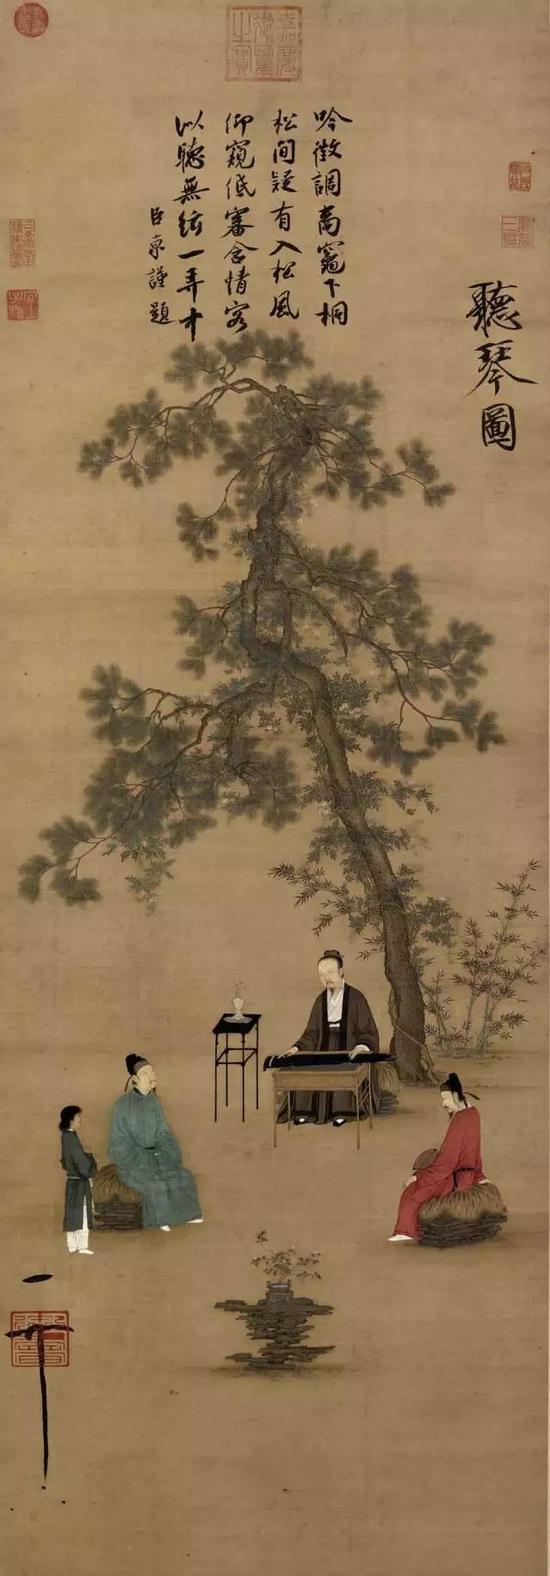 《听琴图》宋 赵佶 绢本设色 纵147.2厘米 横51.3厘米北京故宫博物院藏